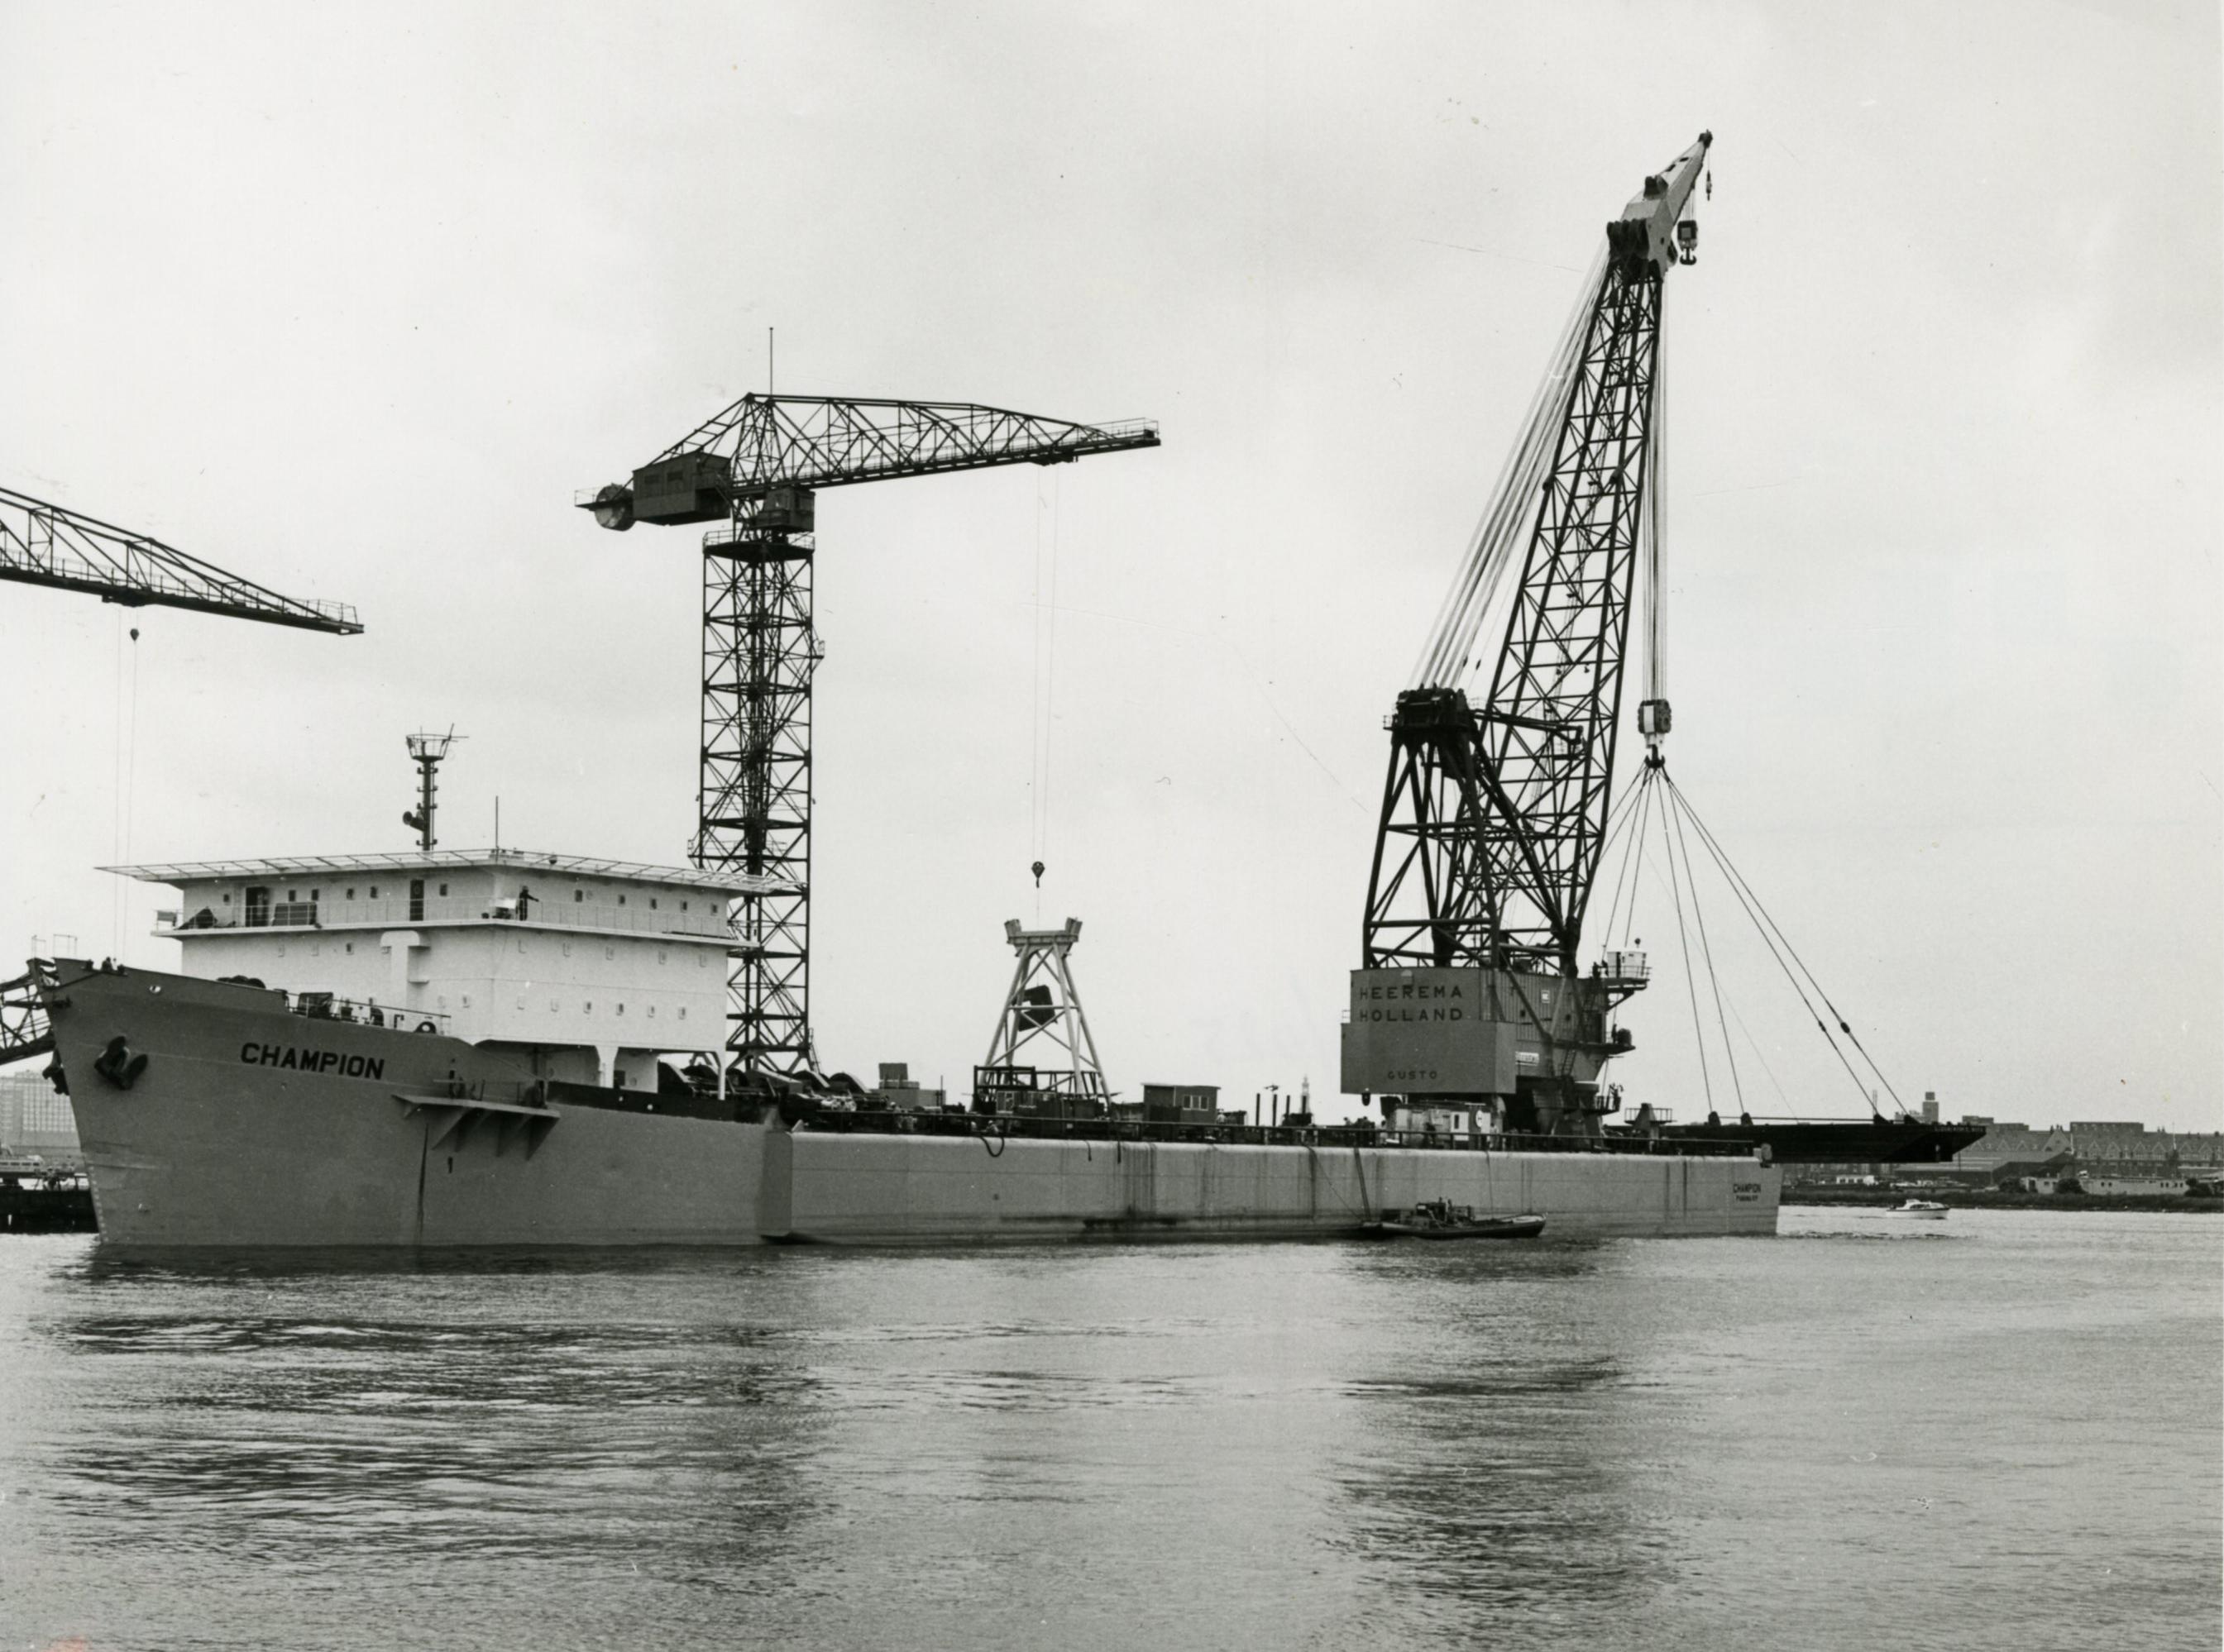 Co. 880-1 Champion (1971)